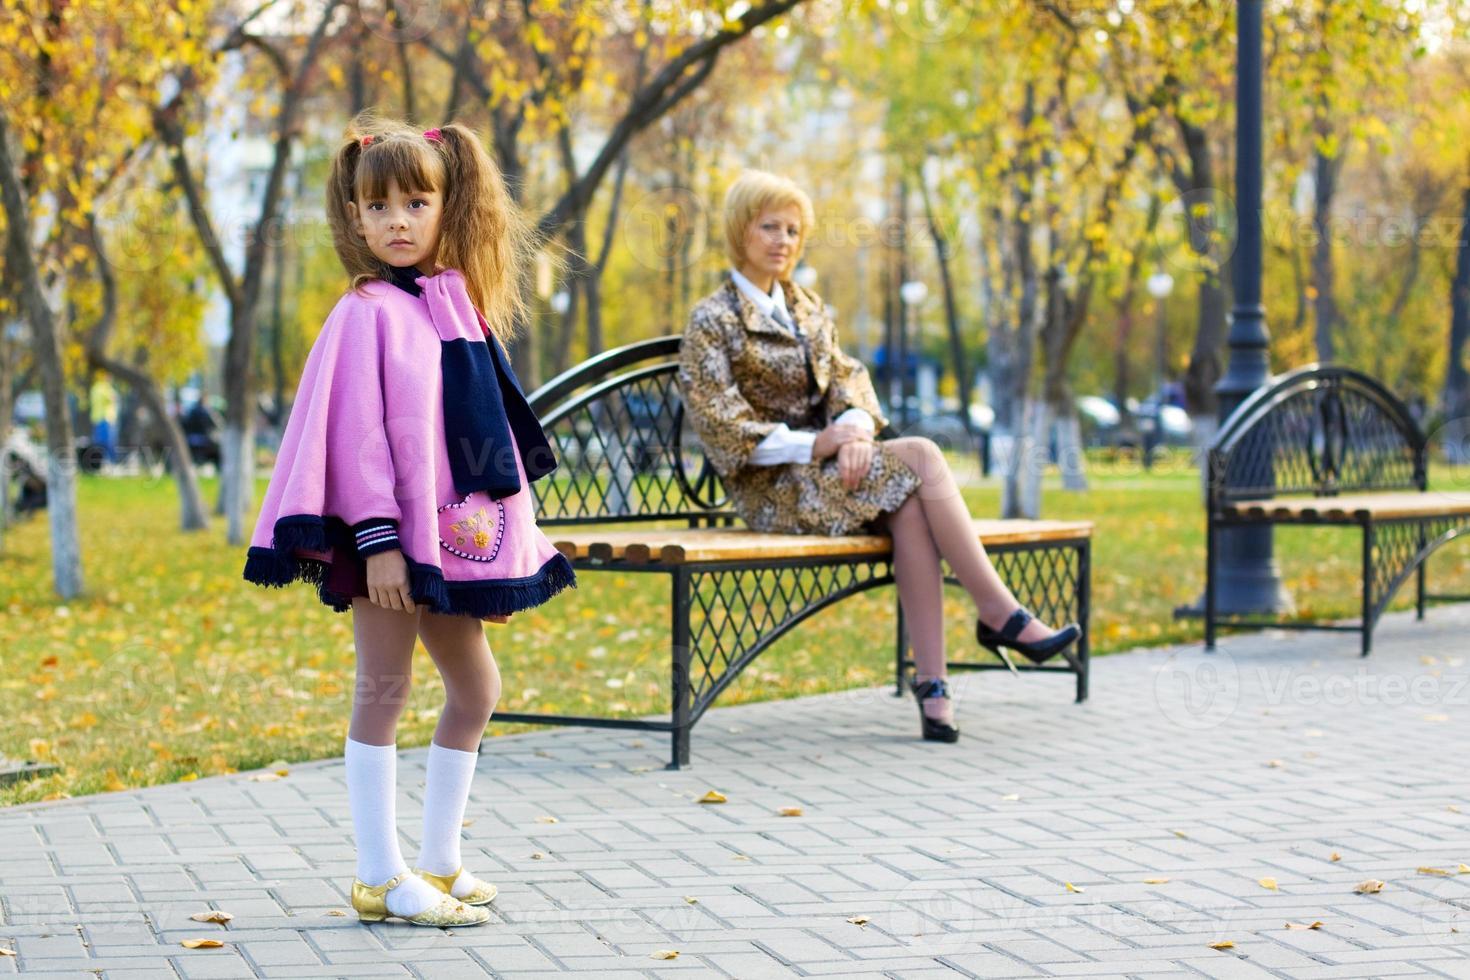 bambina graziosa nel parco di autunno foto